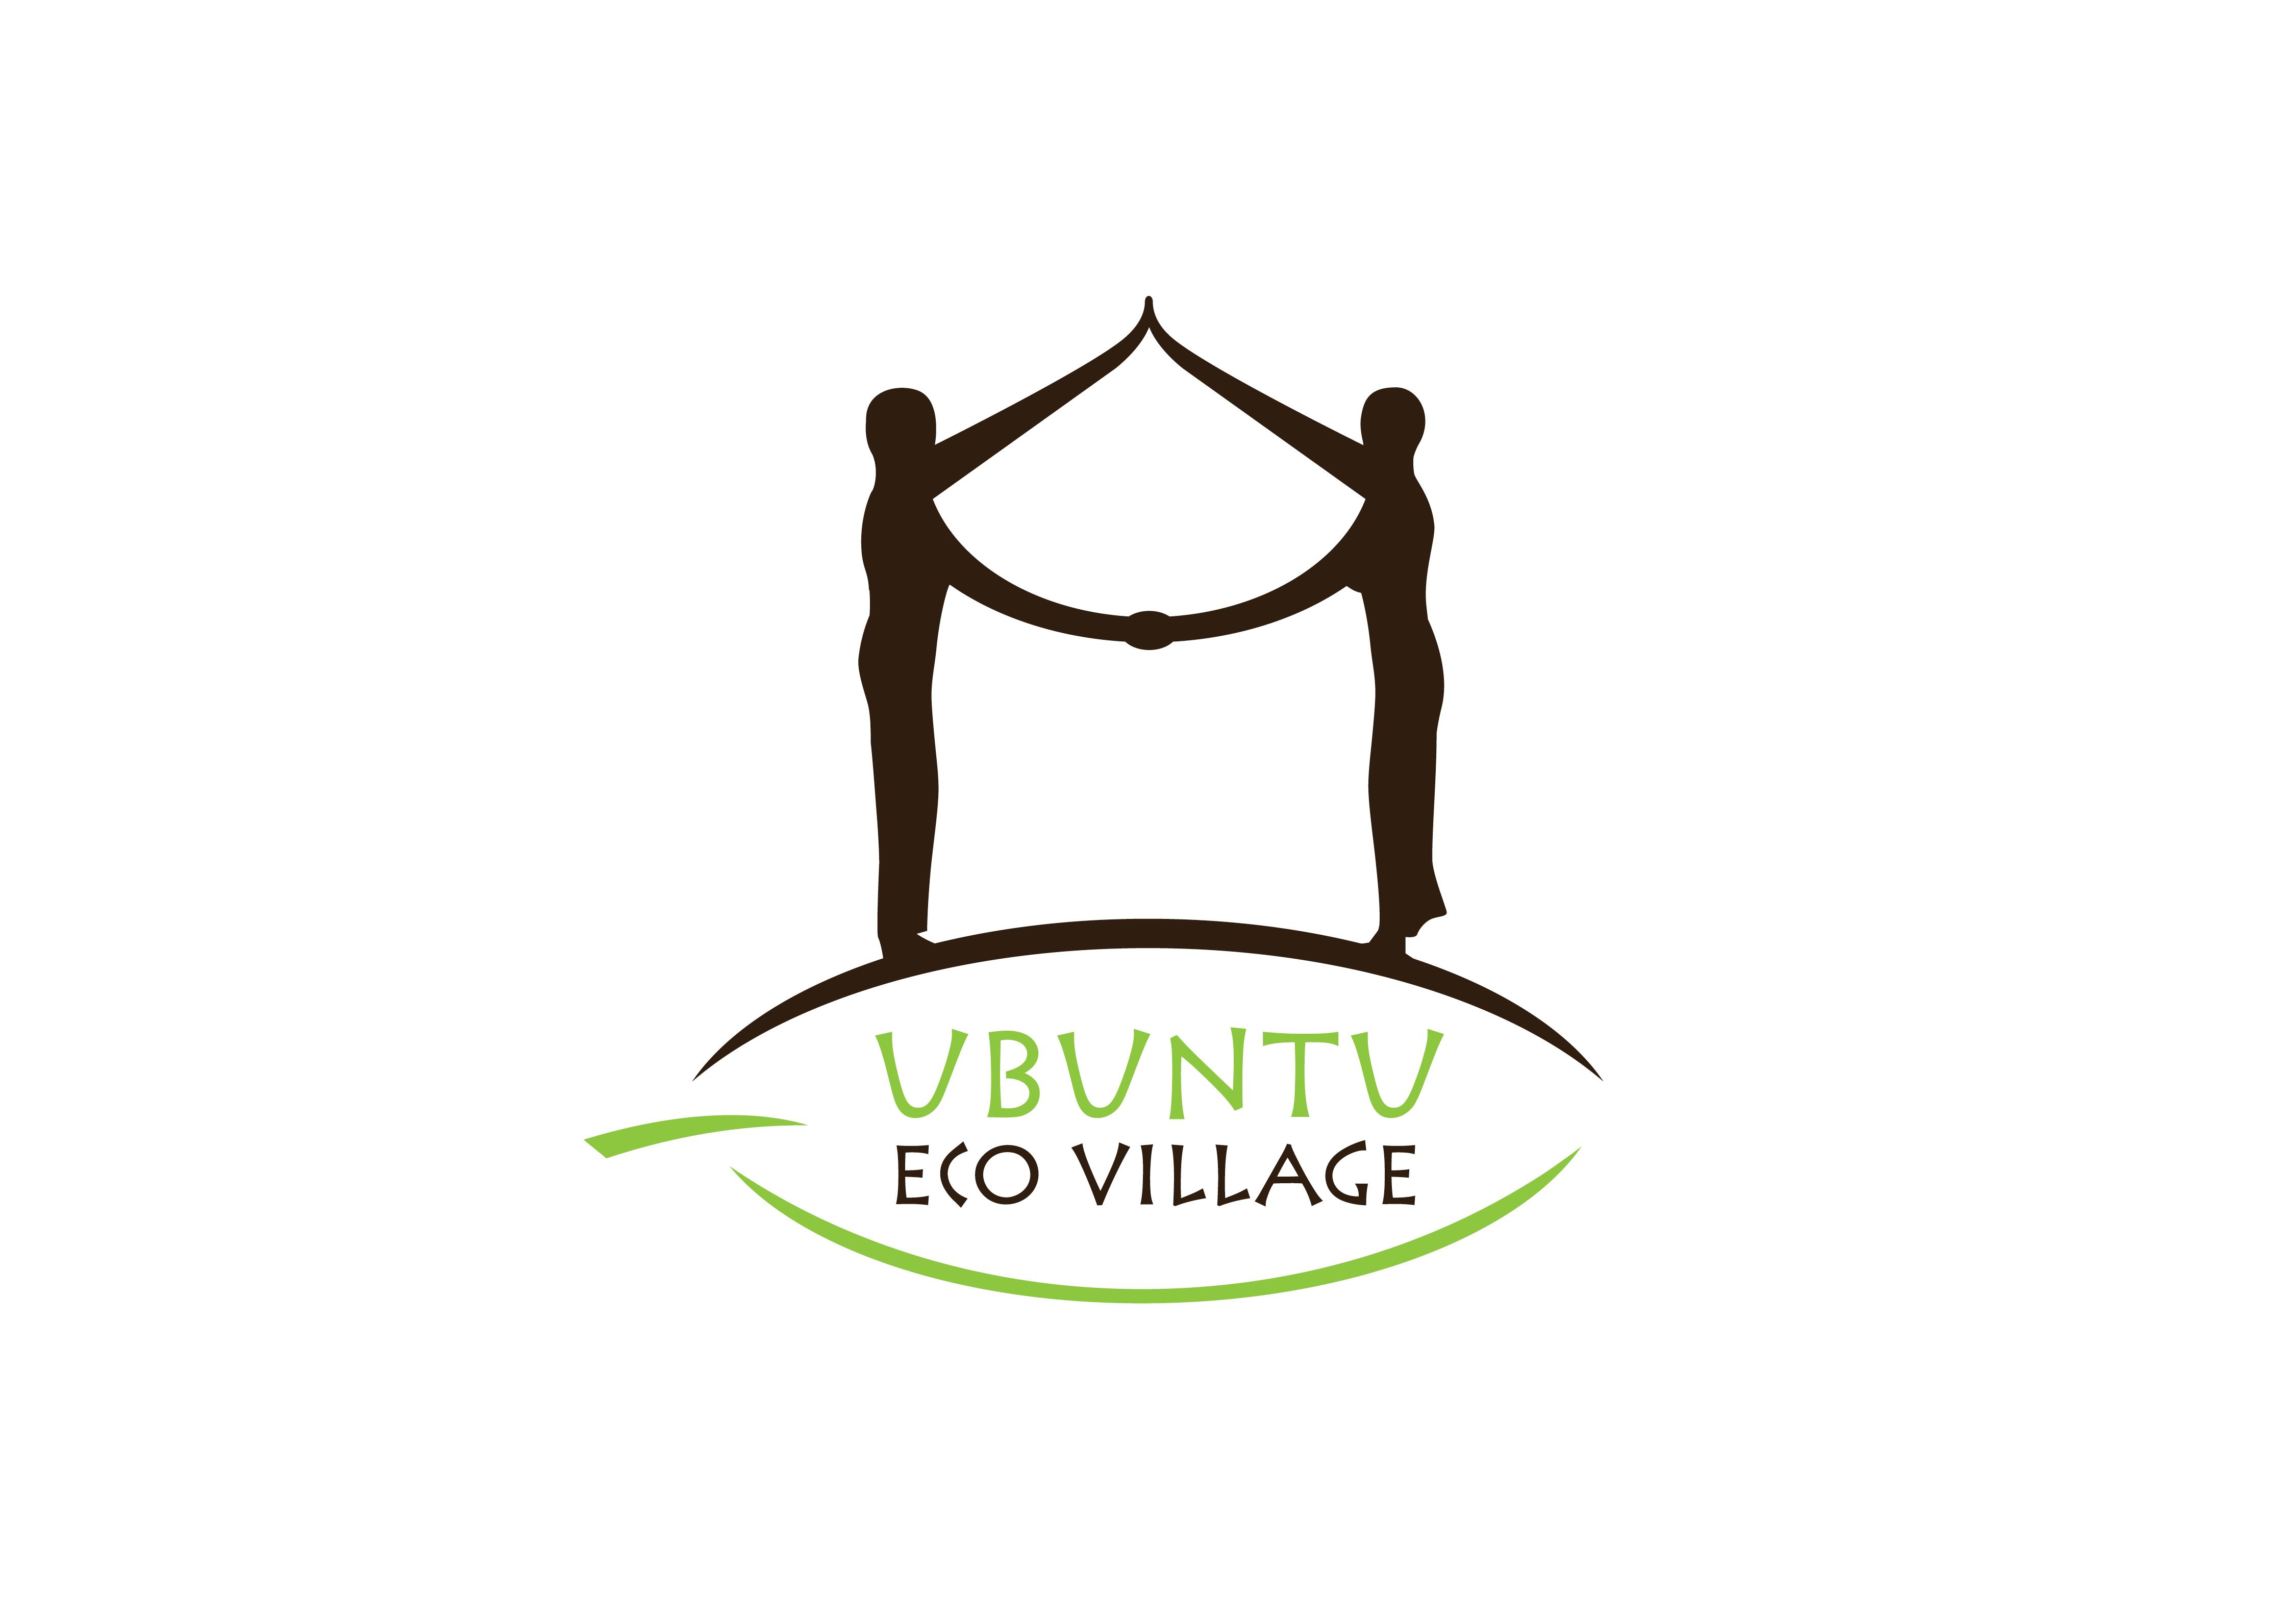 Ubuntu Eco Village